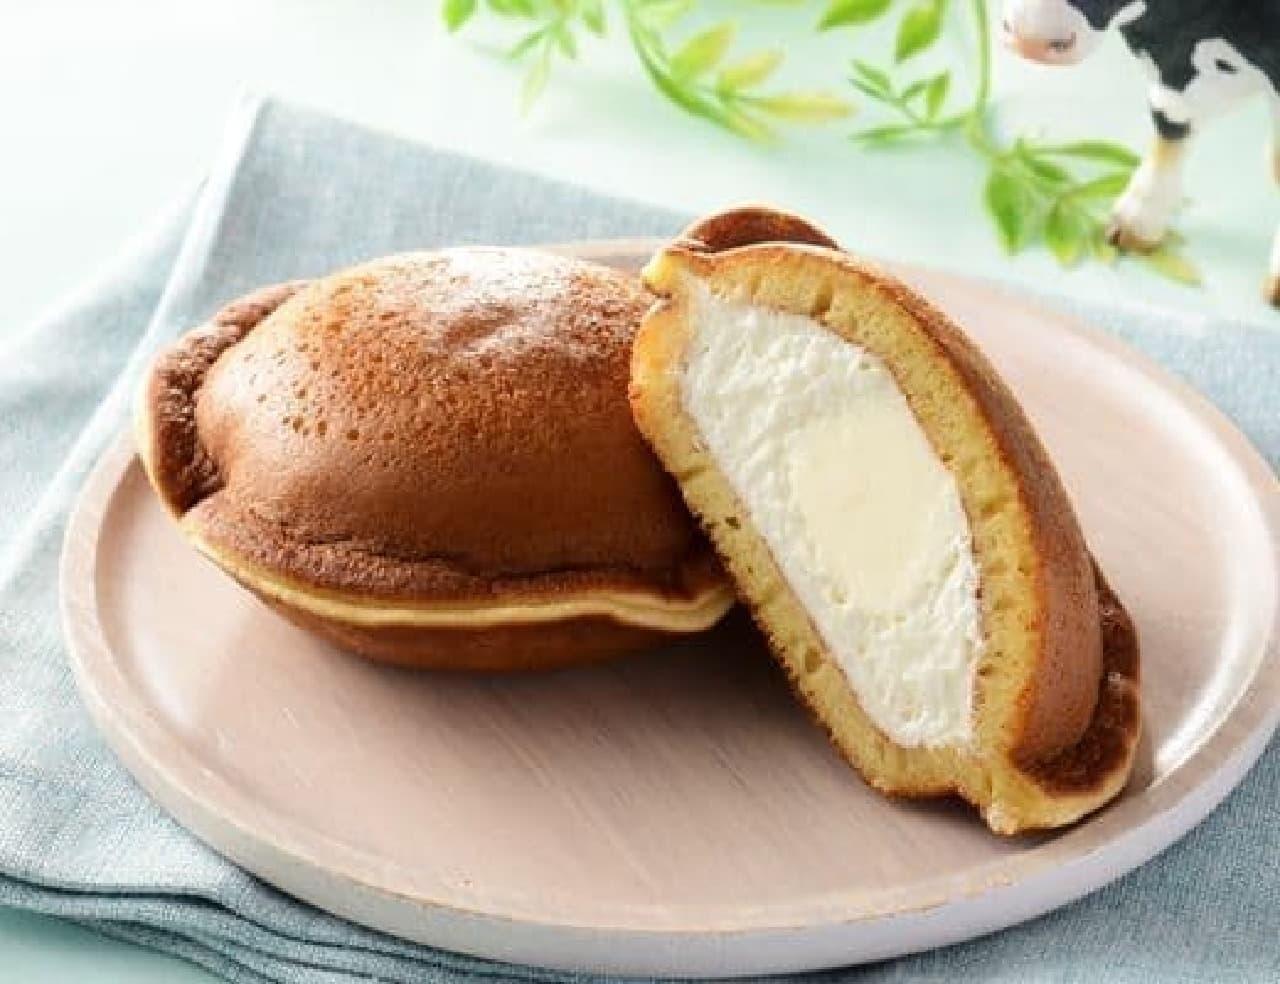 ローソン「Uchi Cafe×Milk MILKどらもっち 練乳ソース入り」